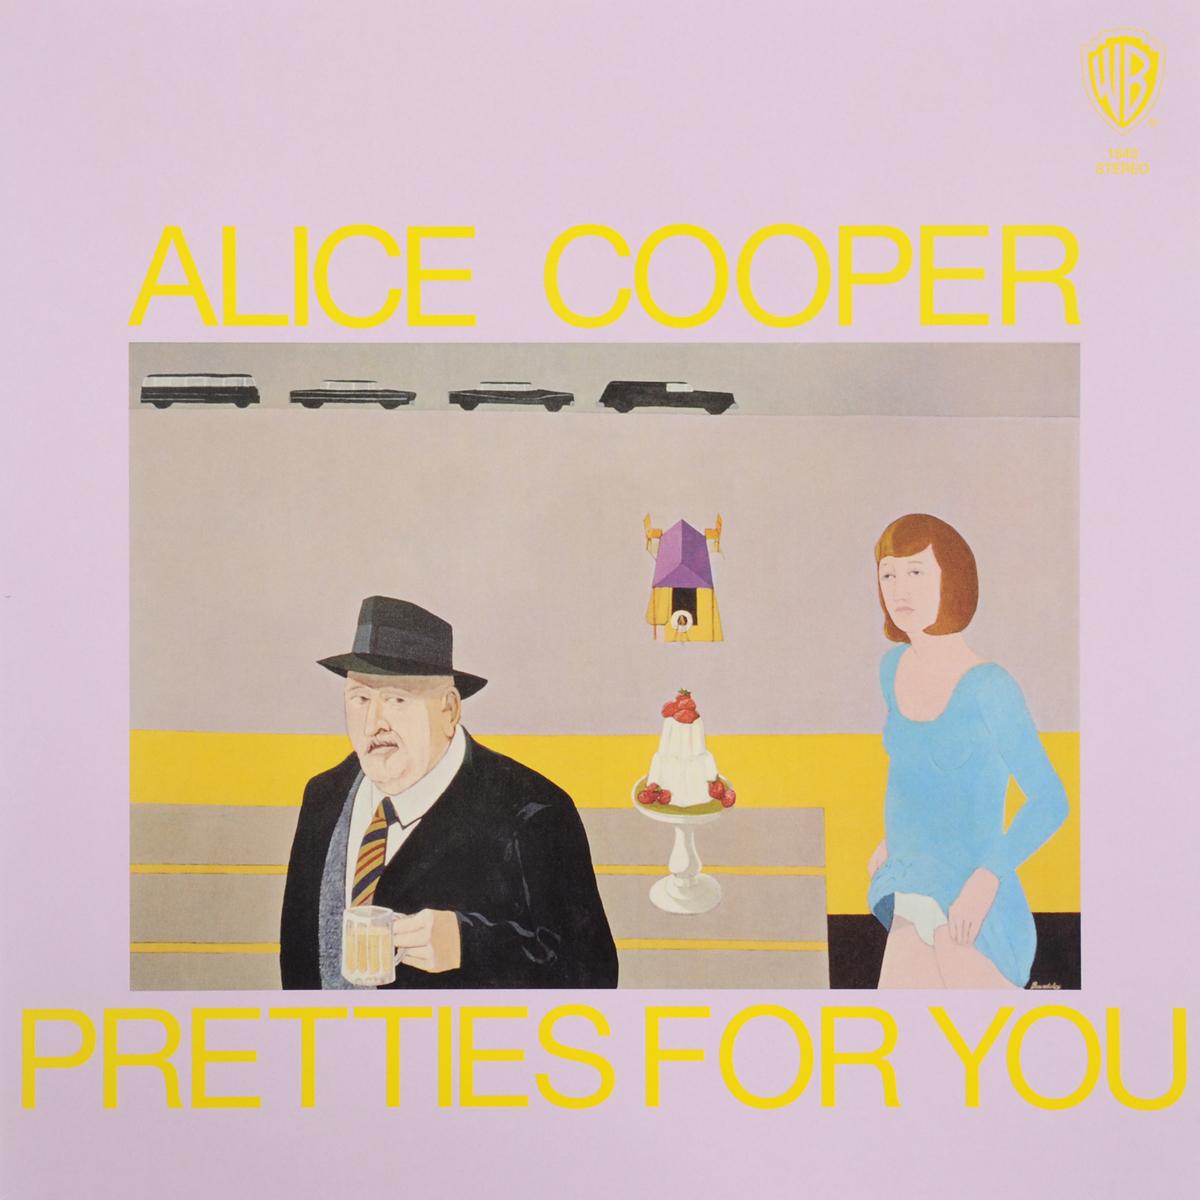 Элис Купер Alice Cooper. Pretties For You (LP) элис купер alice cooper dada